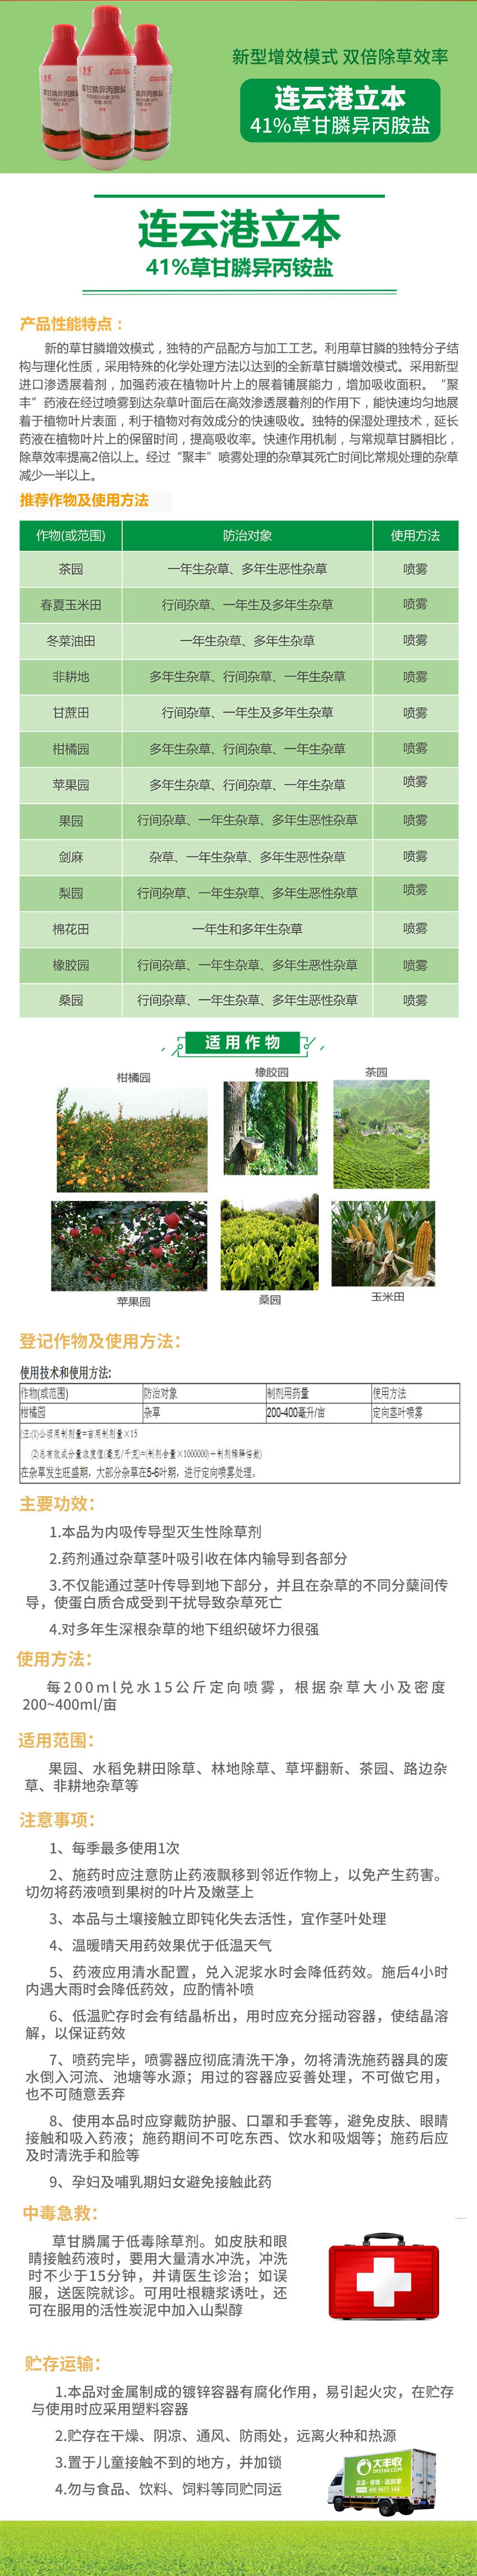 连云港立本-41%草甘膦异丙铵盐1公斤修改版.jpg